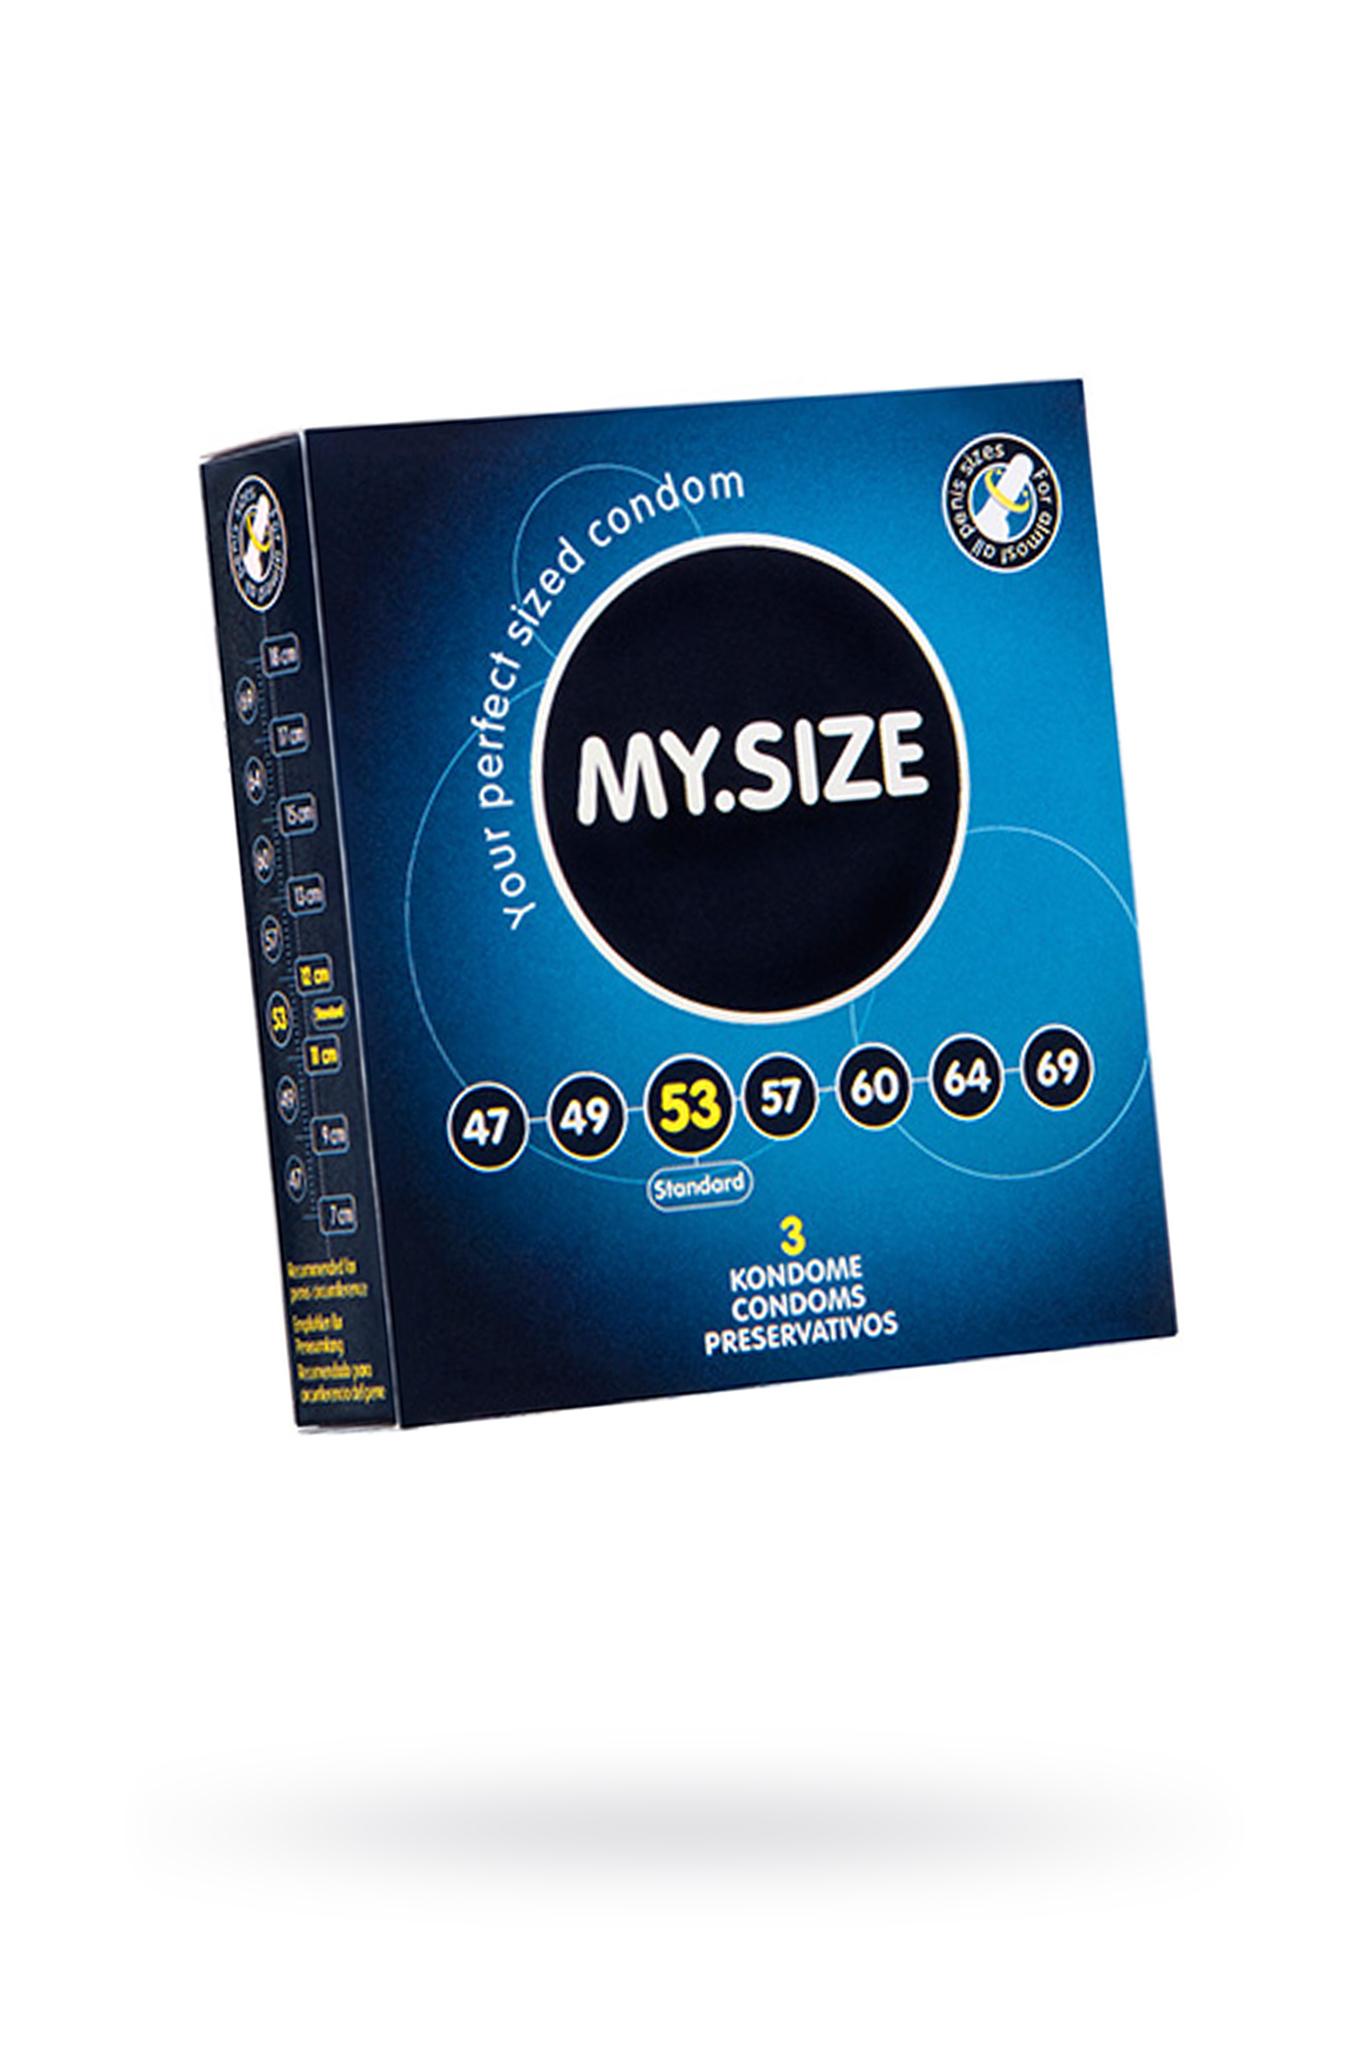 Презервативы  ''MY.SIZE'' №3 размер 53 (ширина 53mm) фото